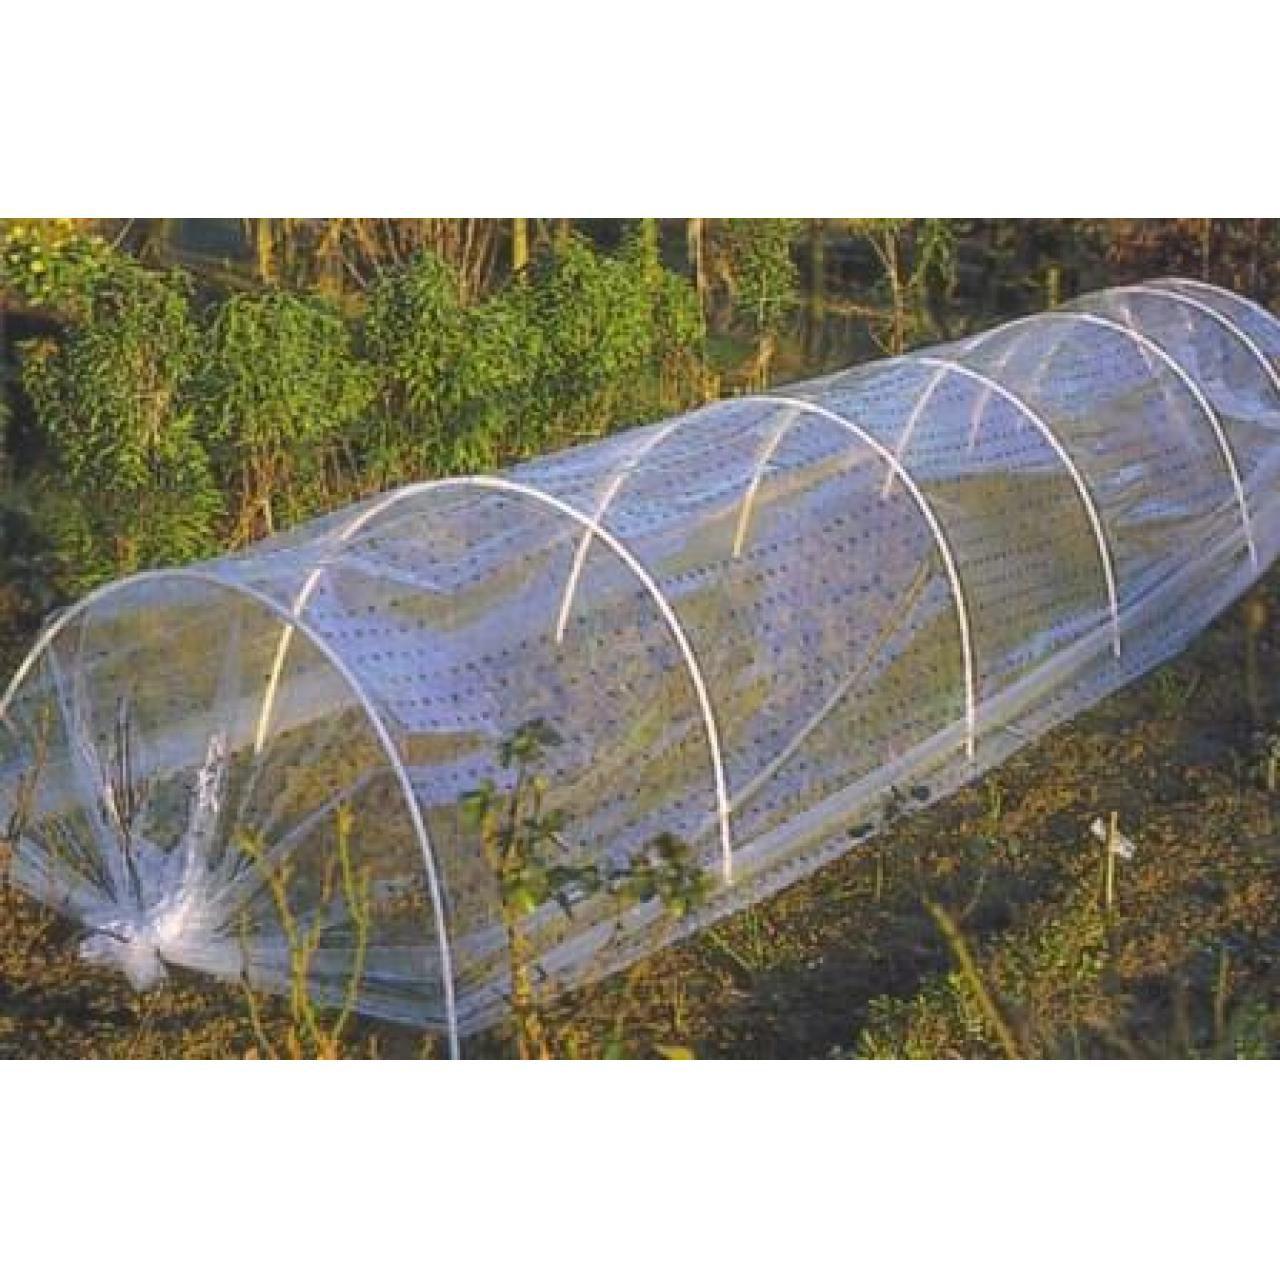 Arceaux De Jardin En Pvc - 2M destiné Arceau Jardin